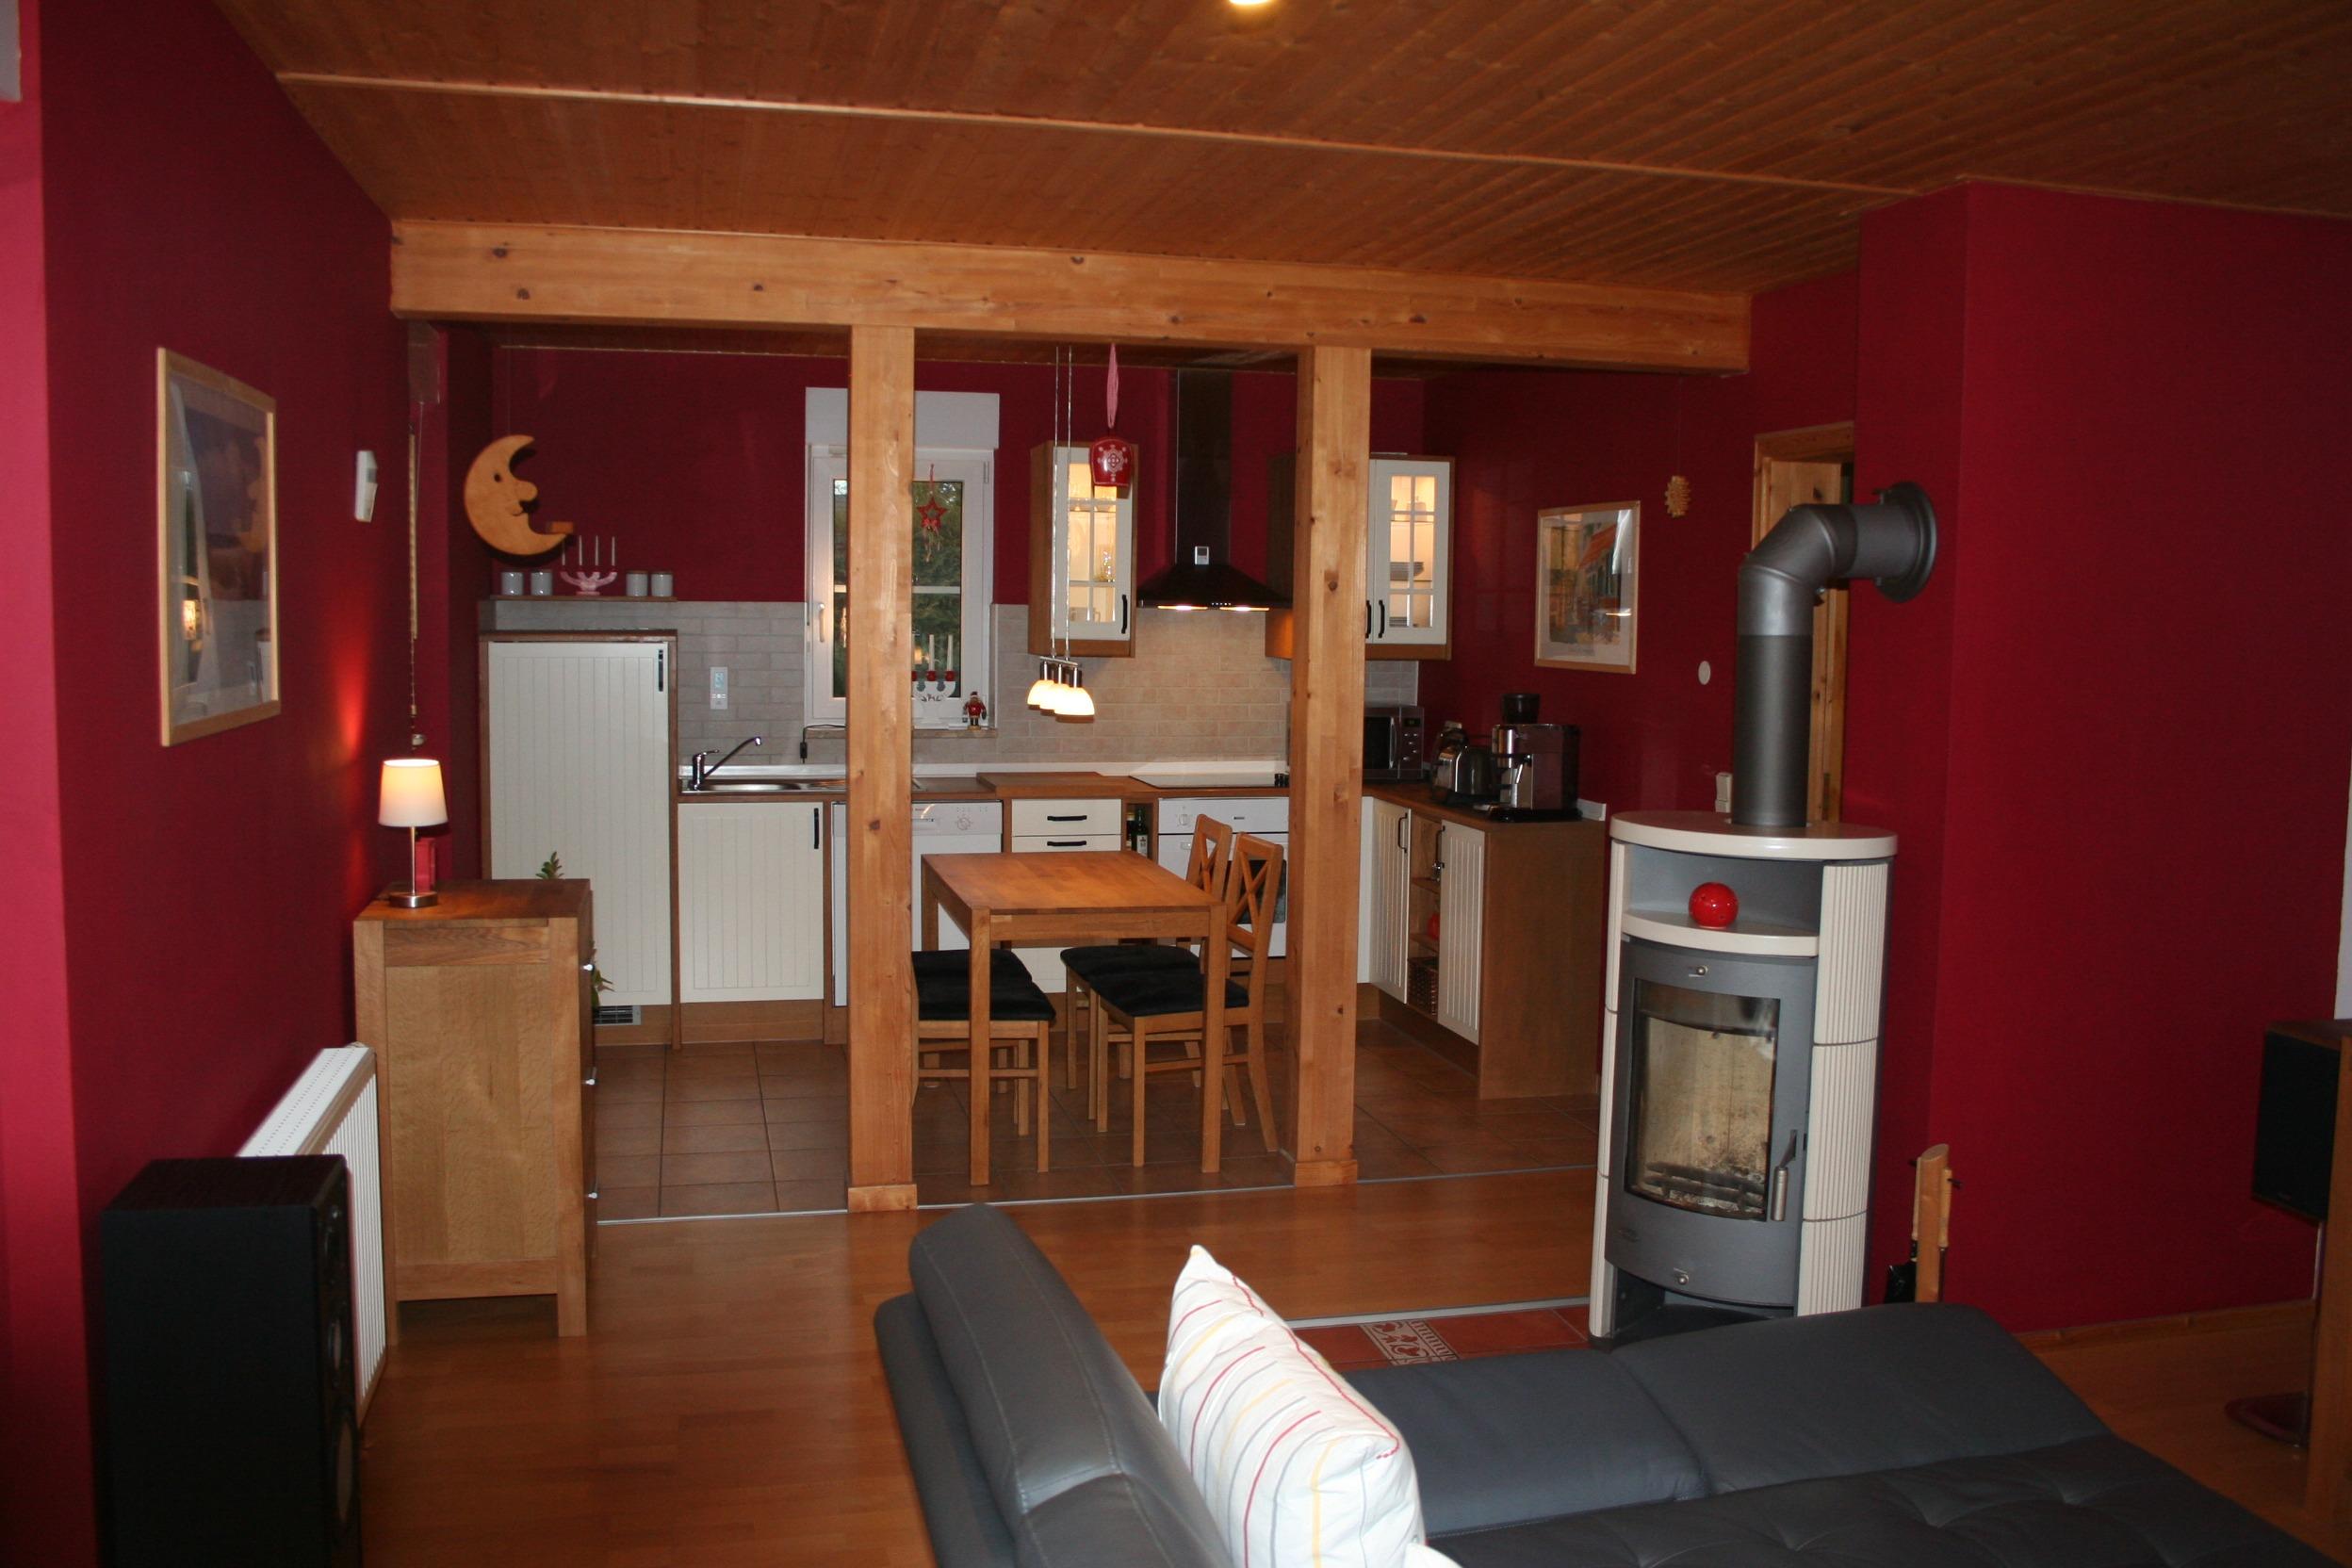 Einfamilienhaus Sennewitz - Blick in den Wohnbereich